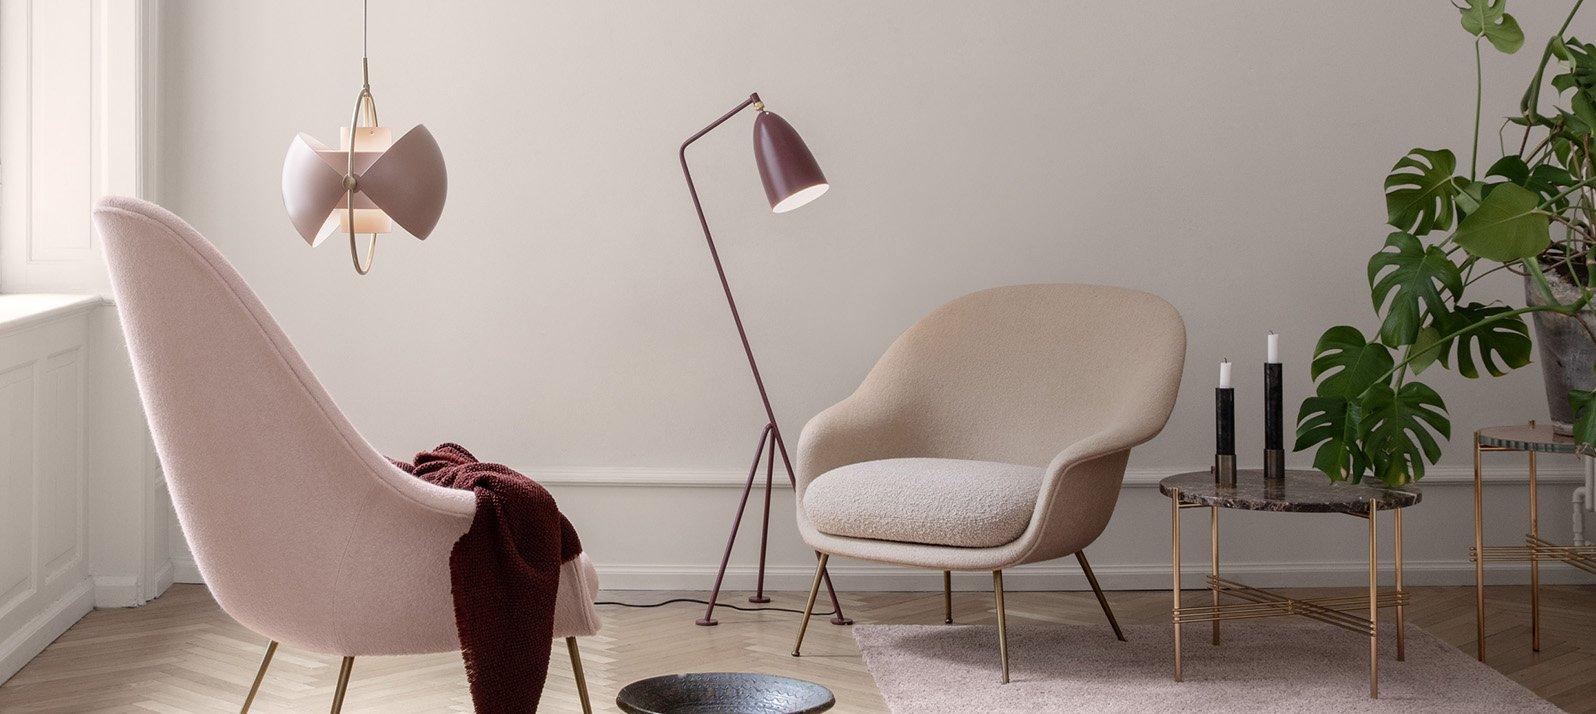 Passione Italiana Mobili Prezzi arredare casa con stile. mobili di design e arredamento